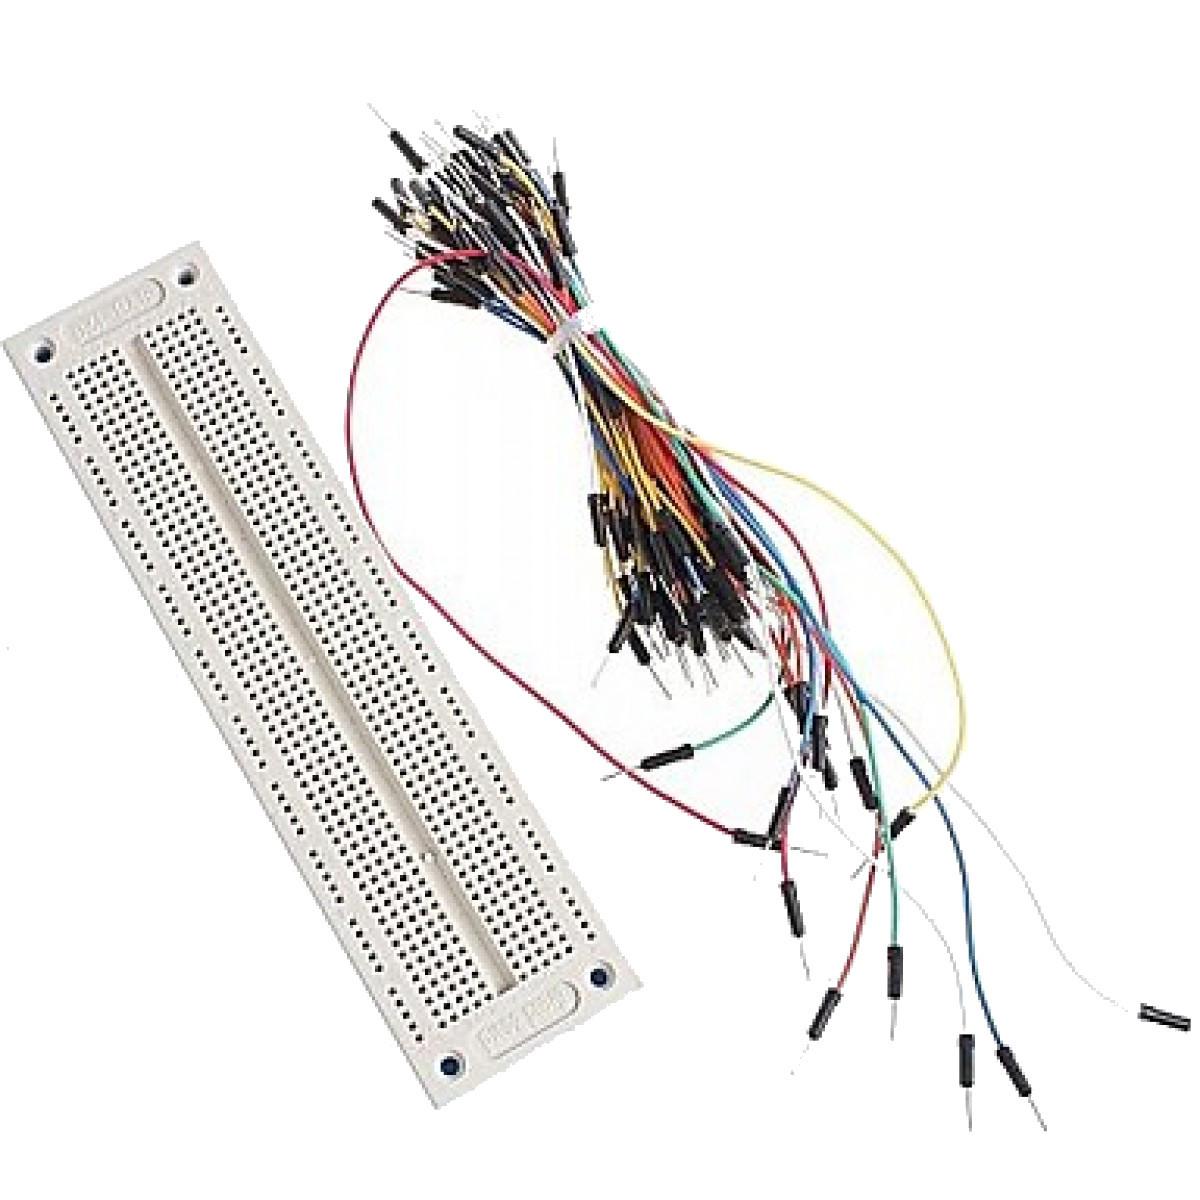 PCB макетная монтажная плата SYB-120 + джемперы, фото 1